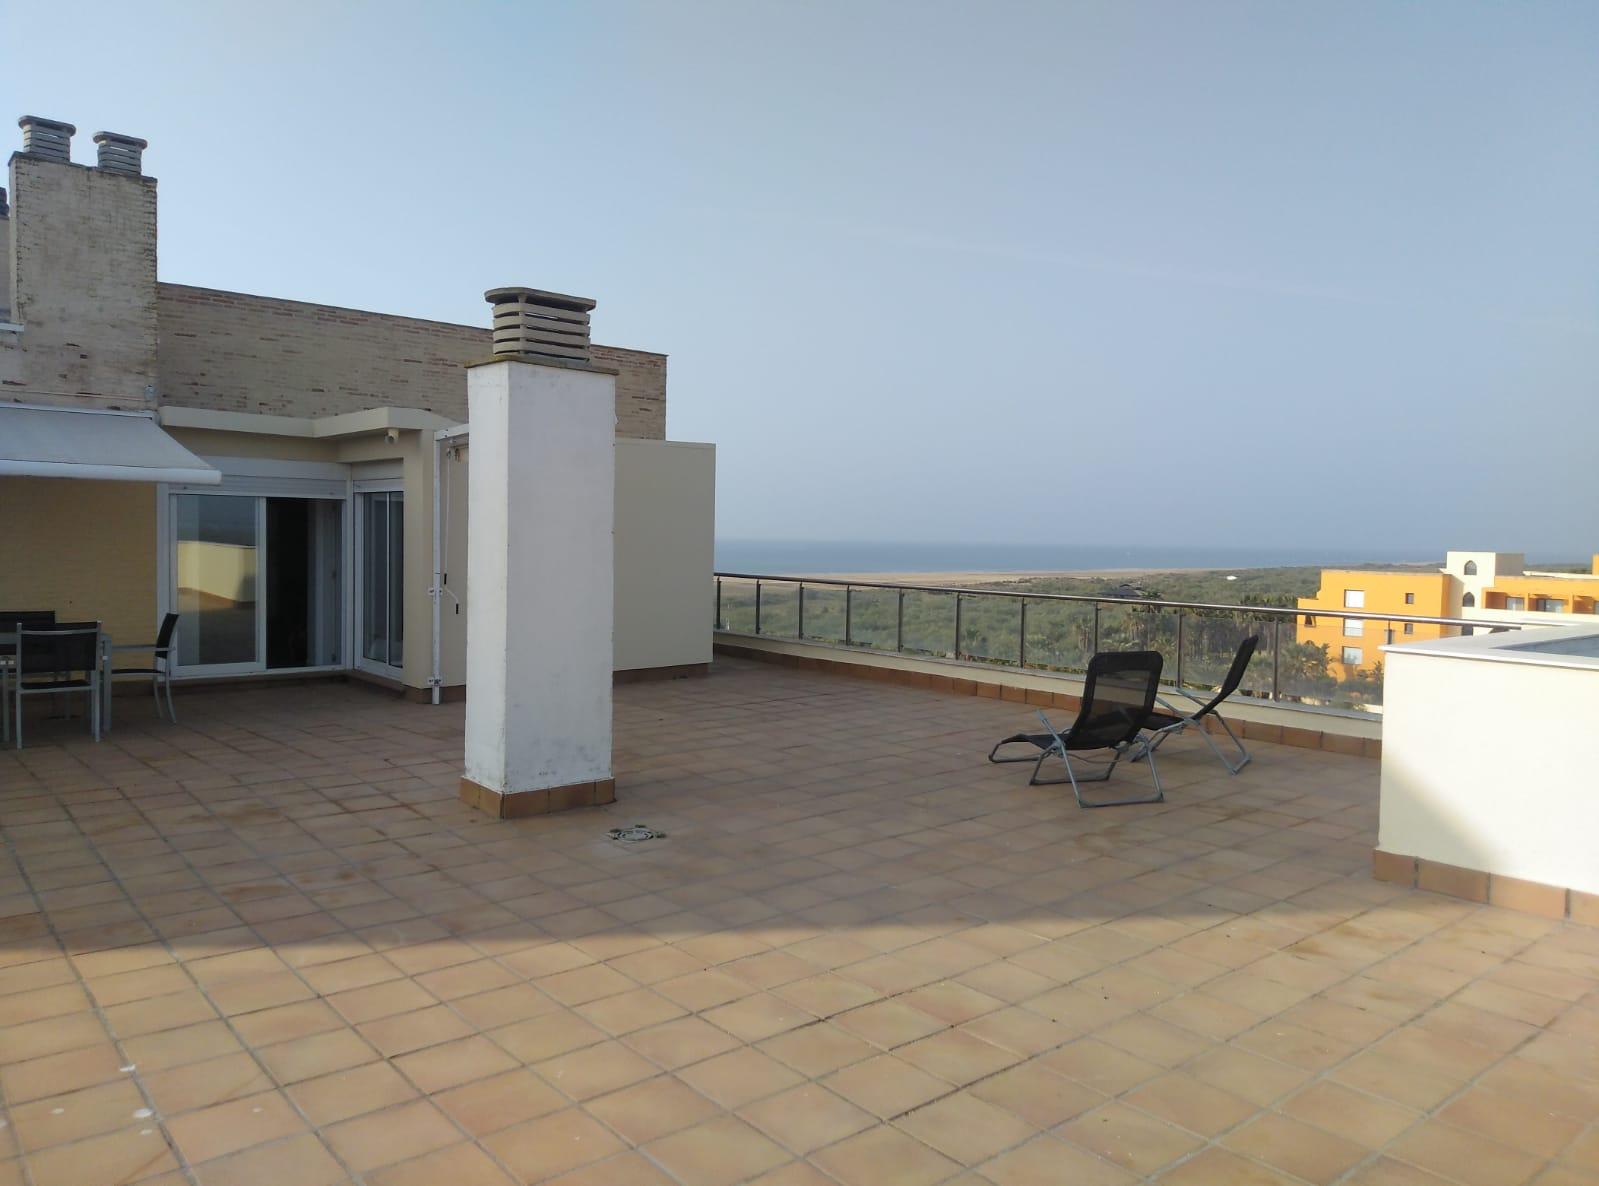 Imagen 27 del Apartamento Turístico, Ático 8 Poniente (3d+2b), Punta del Moral (HUELVA), Paseo de la Cruz nº22